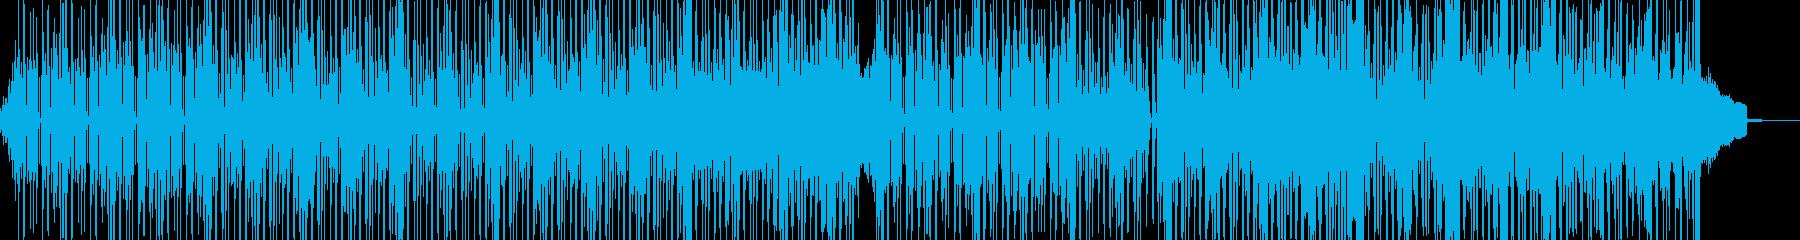 夏バテ(×ω×)無気力ポップ 裏拍子Aの再生済みの波形